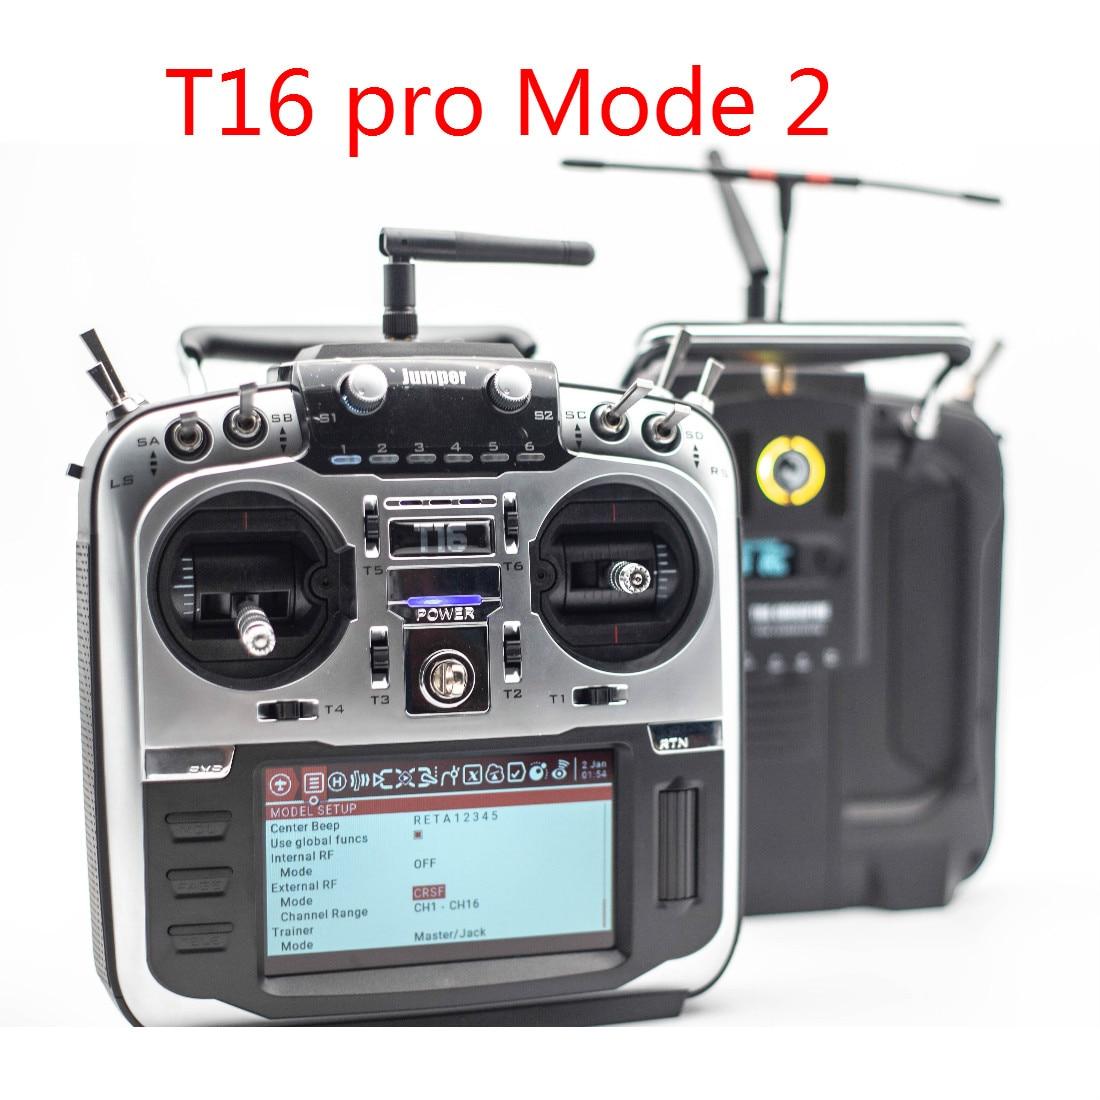 Jumper T16 pro T16 Plus Halle Gimbal Open Source Multi protokoll Radio Sender JP4 in 1 RF Modul 2,4G 16CH fernbedienung-in Teile & Zubehör aus Spielzeug und Hobbys bei  Gruppe 2